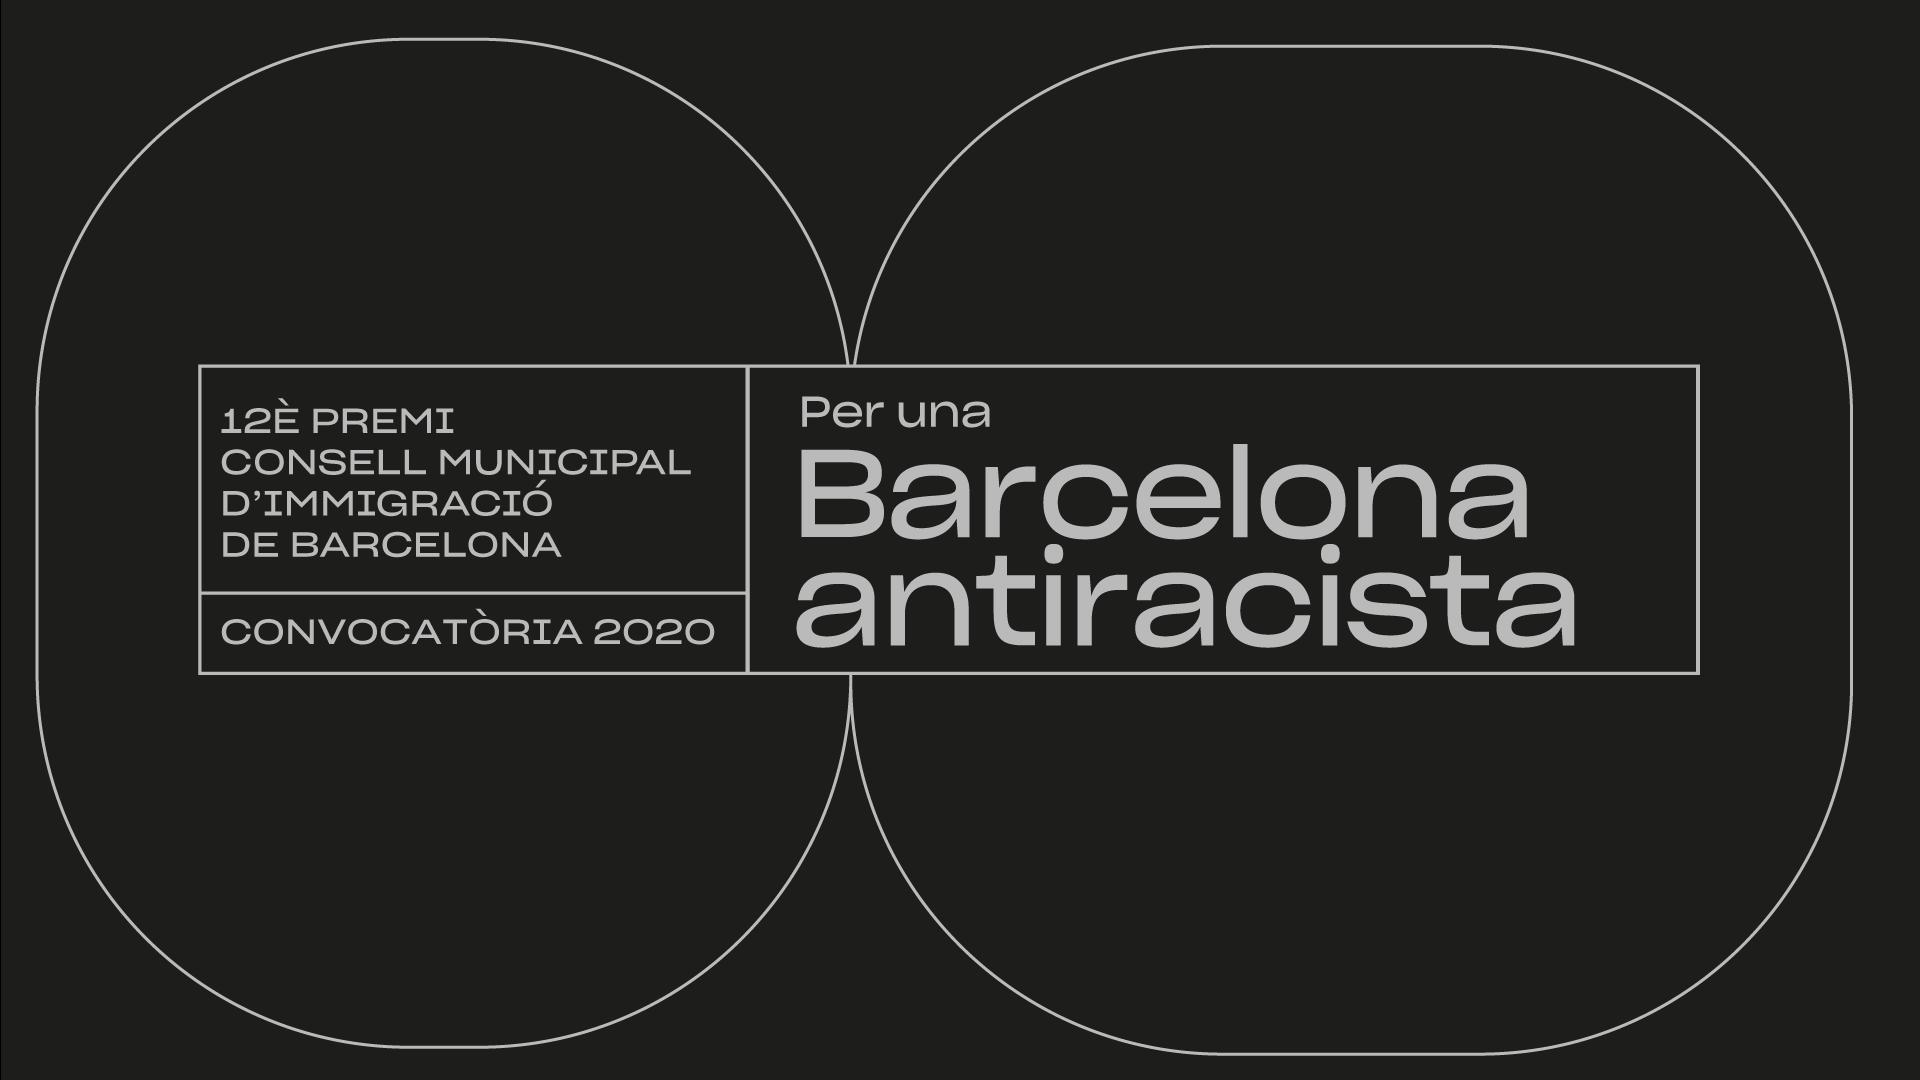 12è premi Consell Municipal d'Immigració de Barcelona